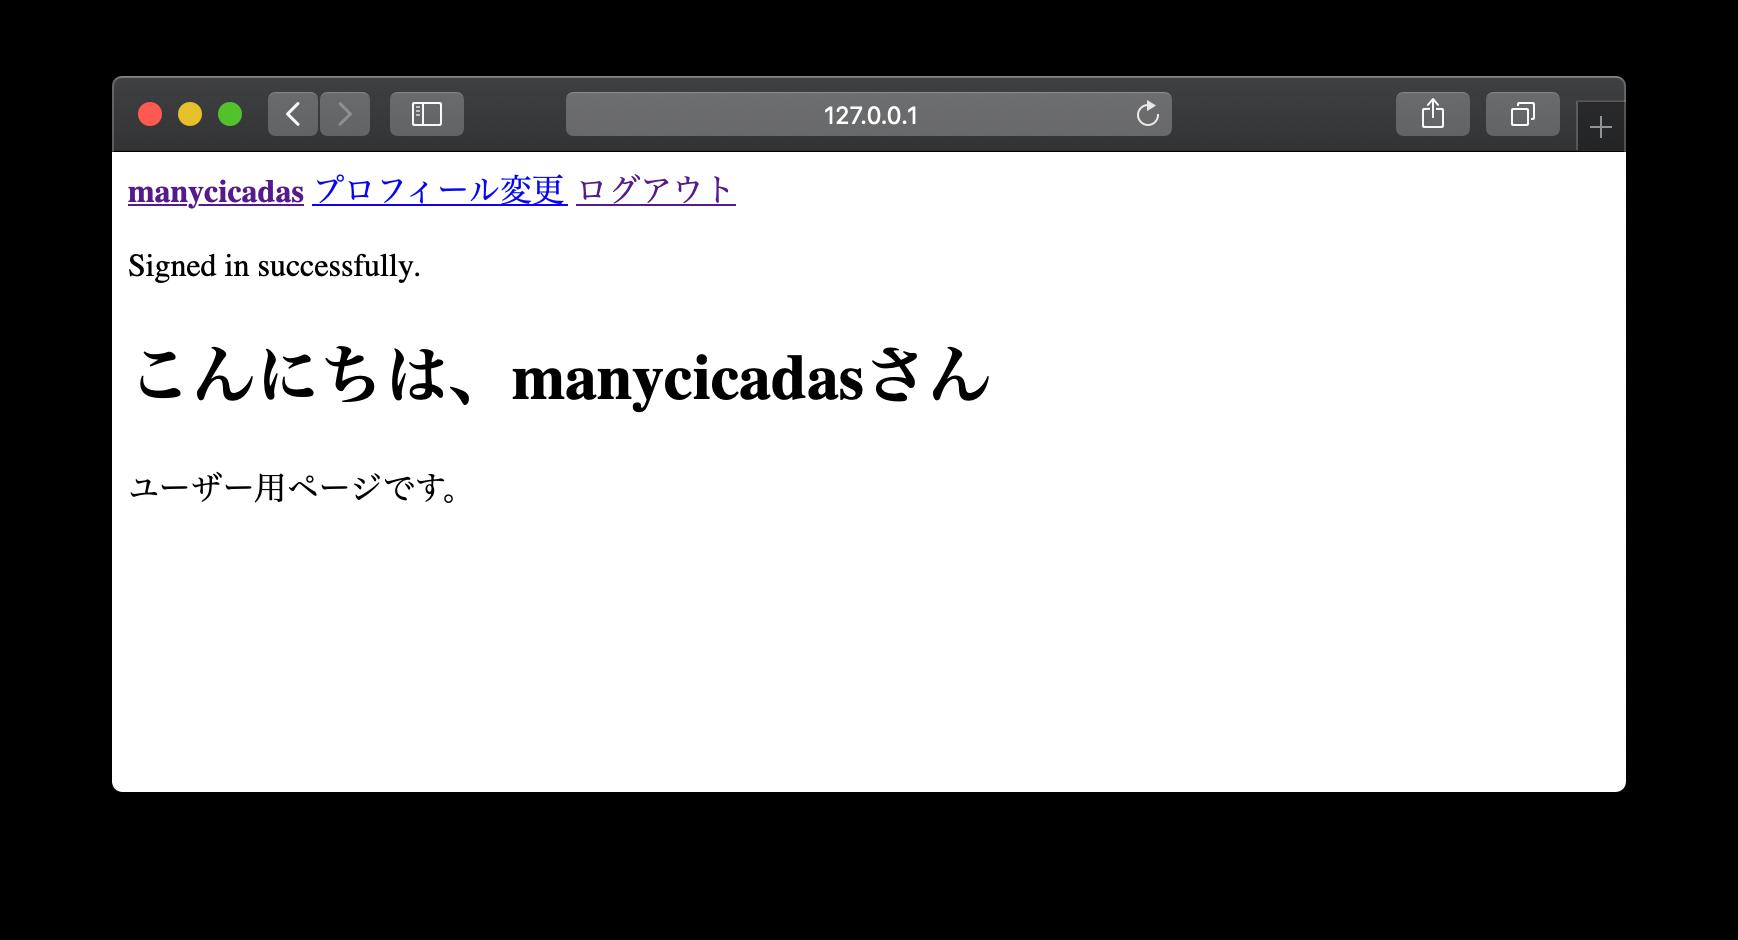 スクリーンショット 2020-04-04 15.42.43.png